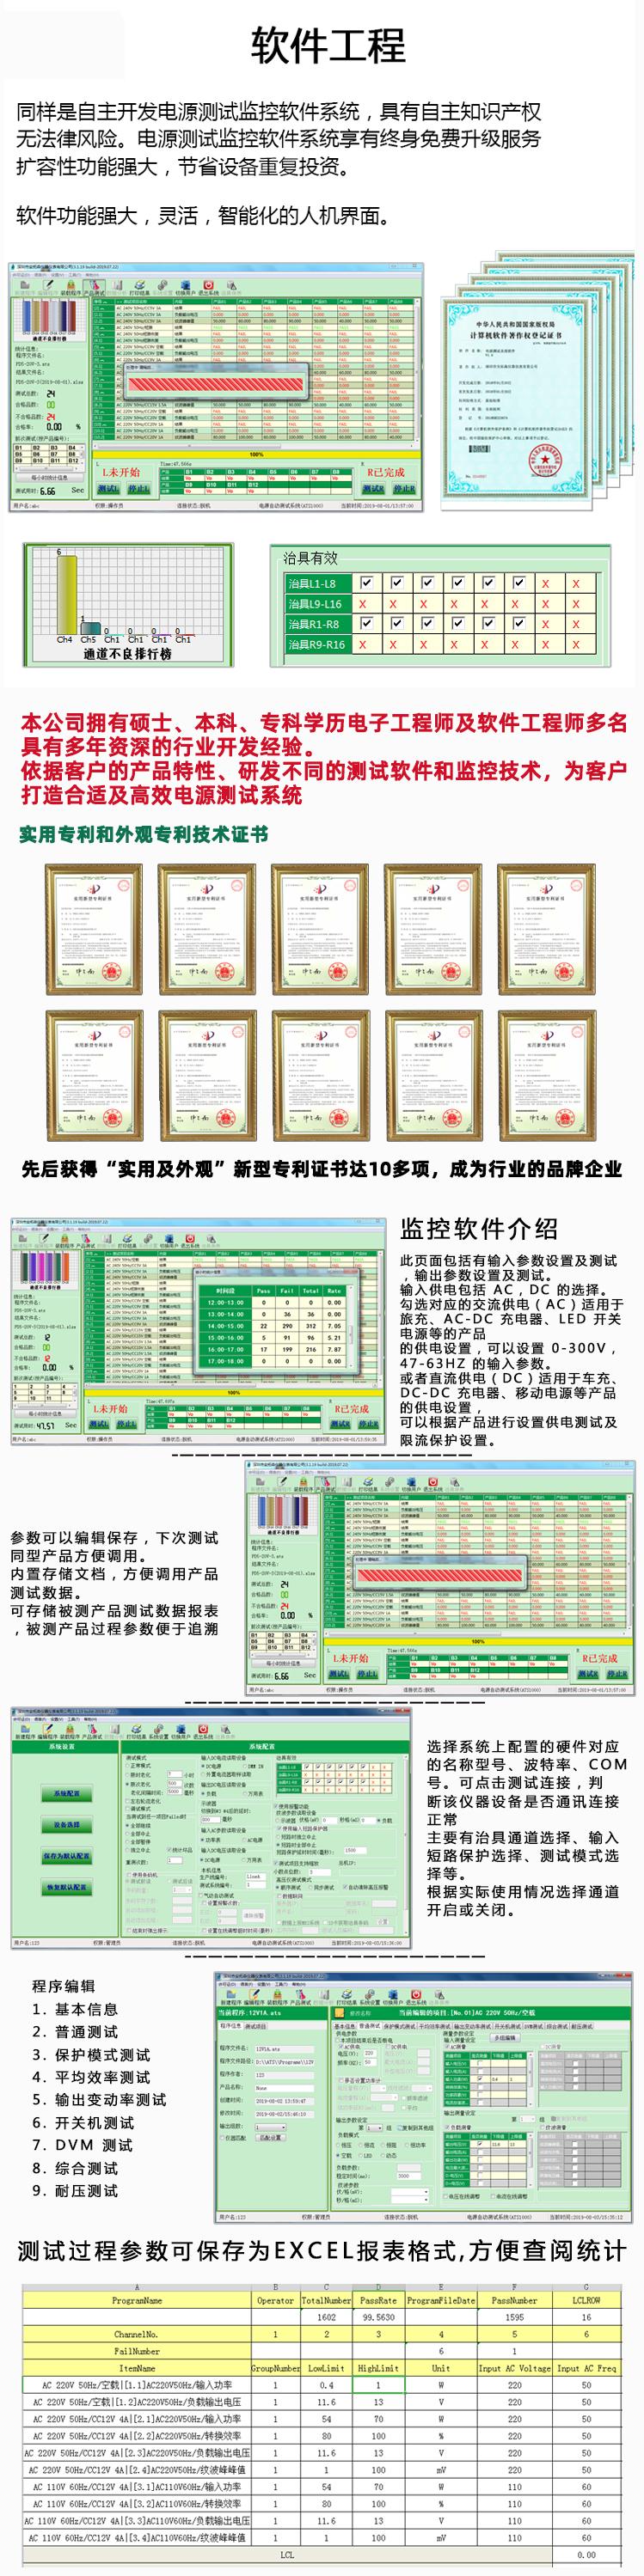 电源ATE测试系统